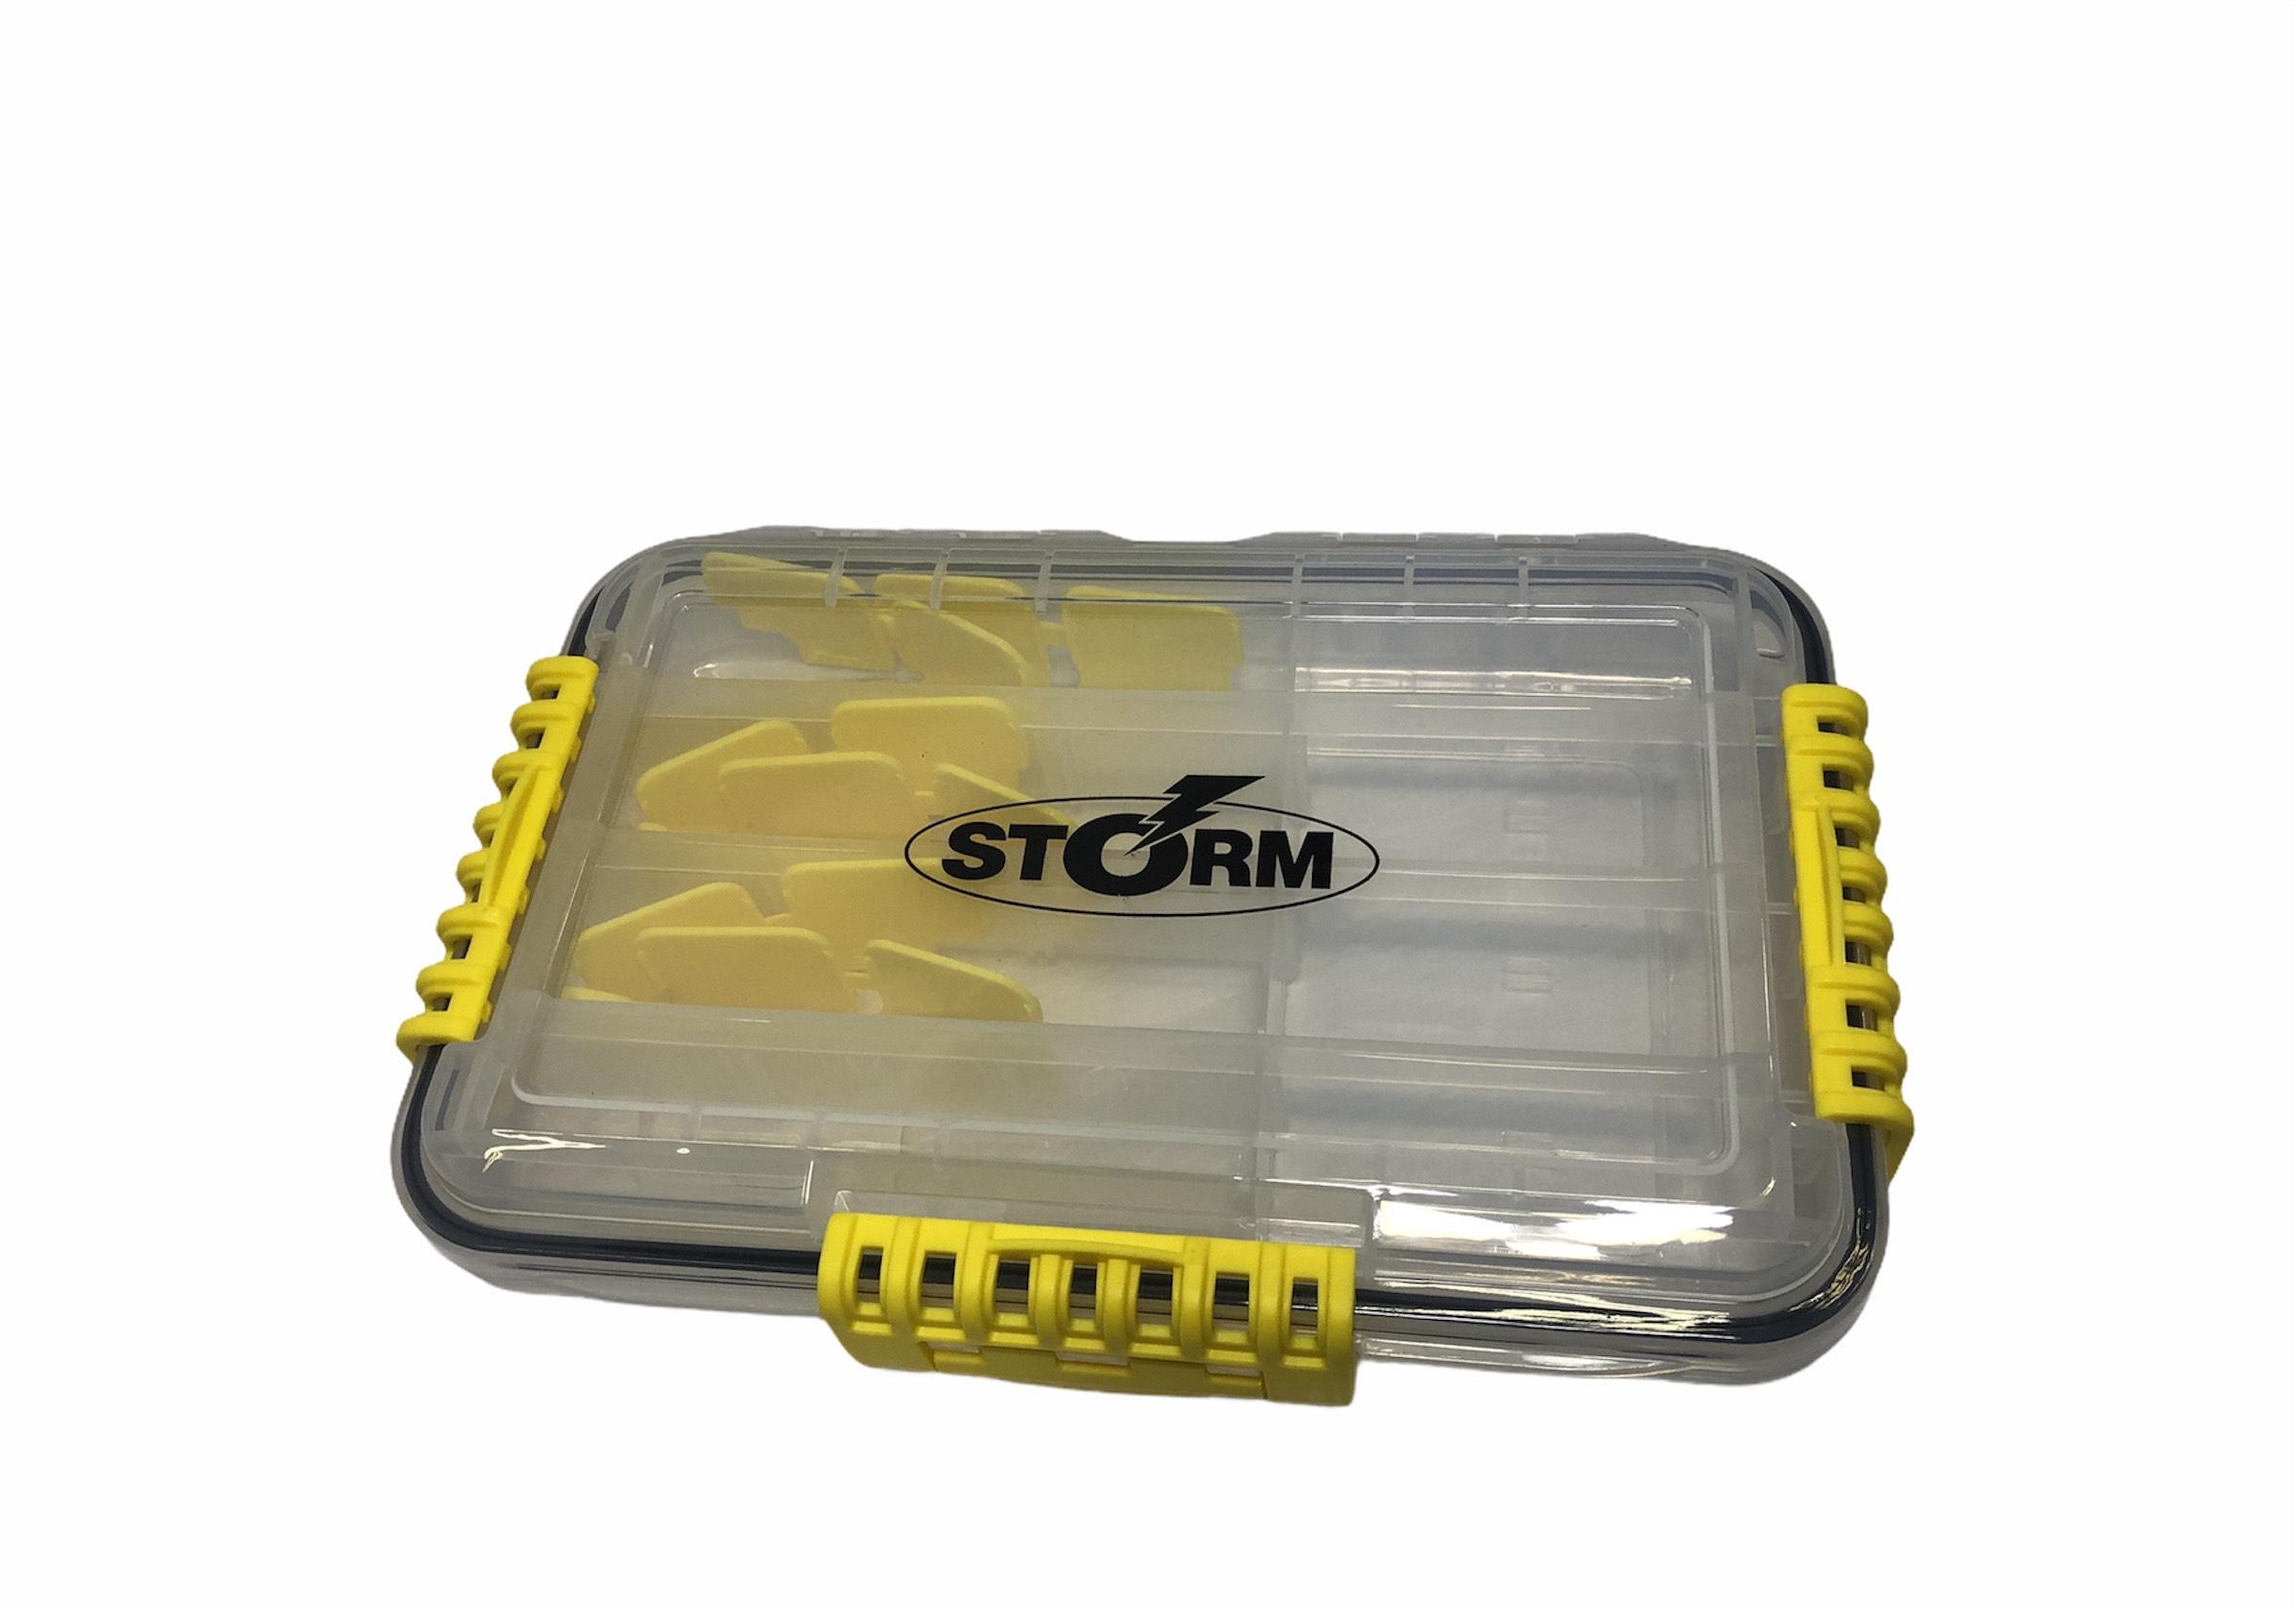 Storm caja 8 señuelos